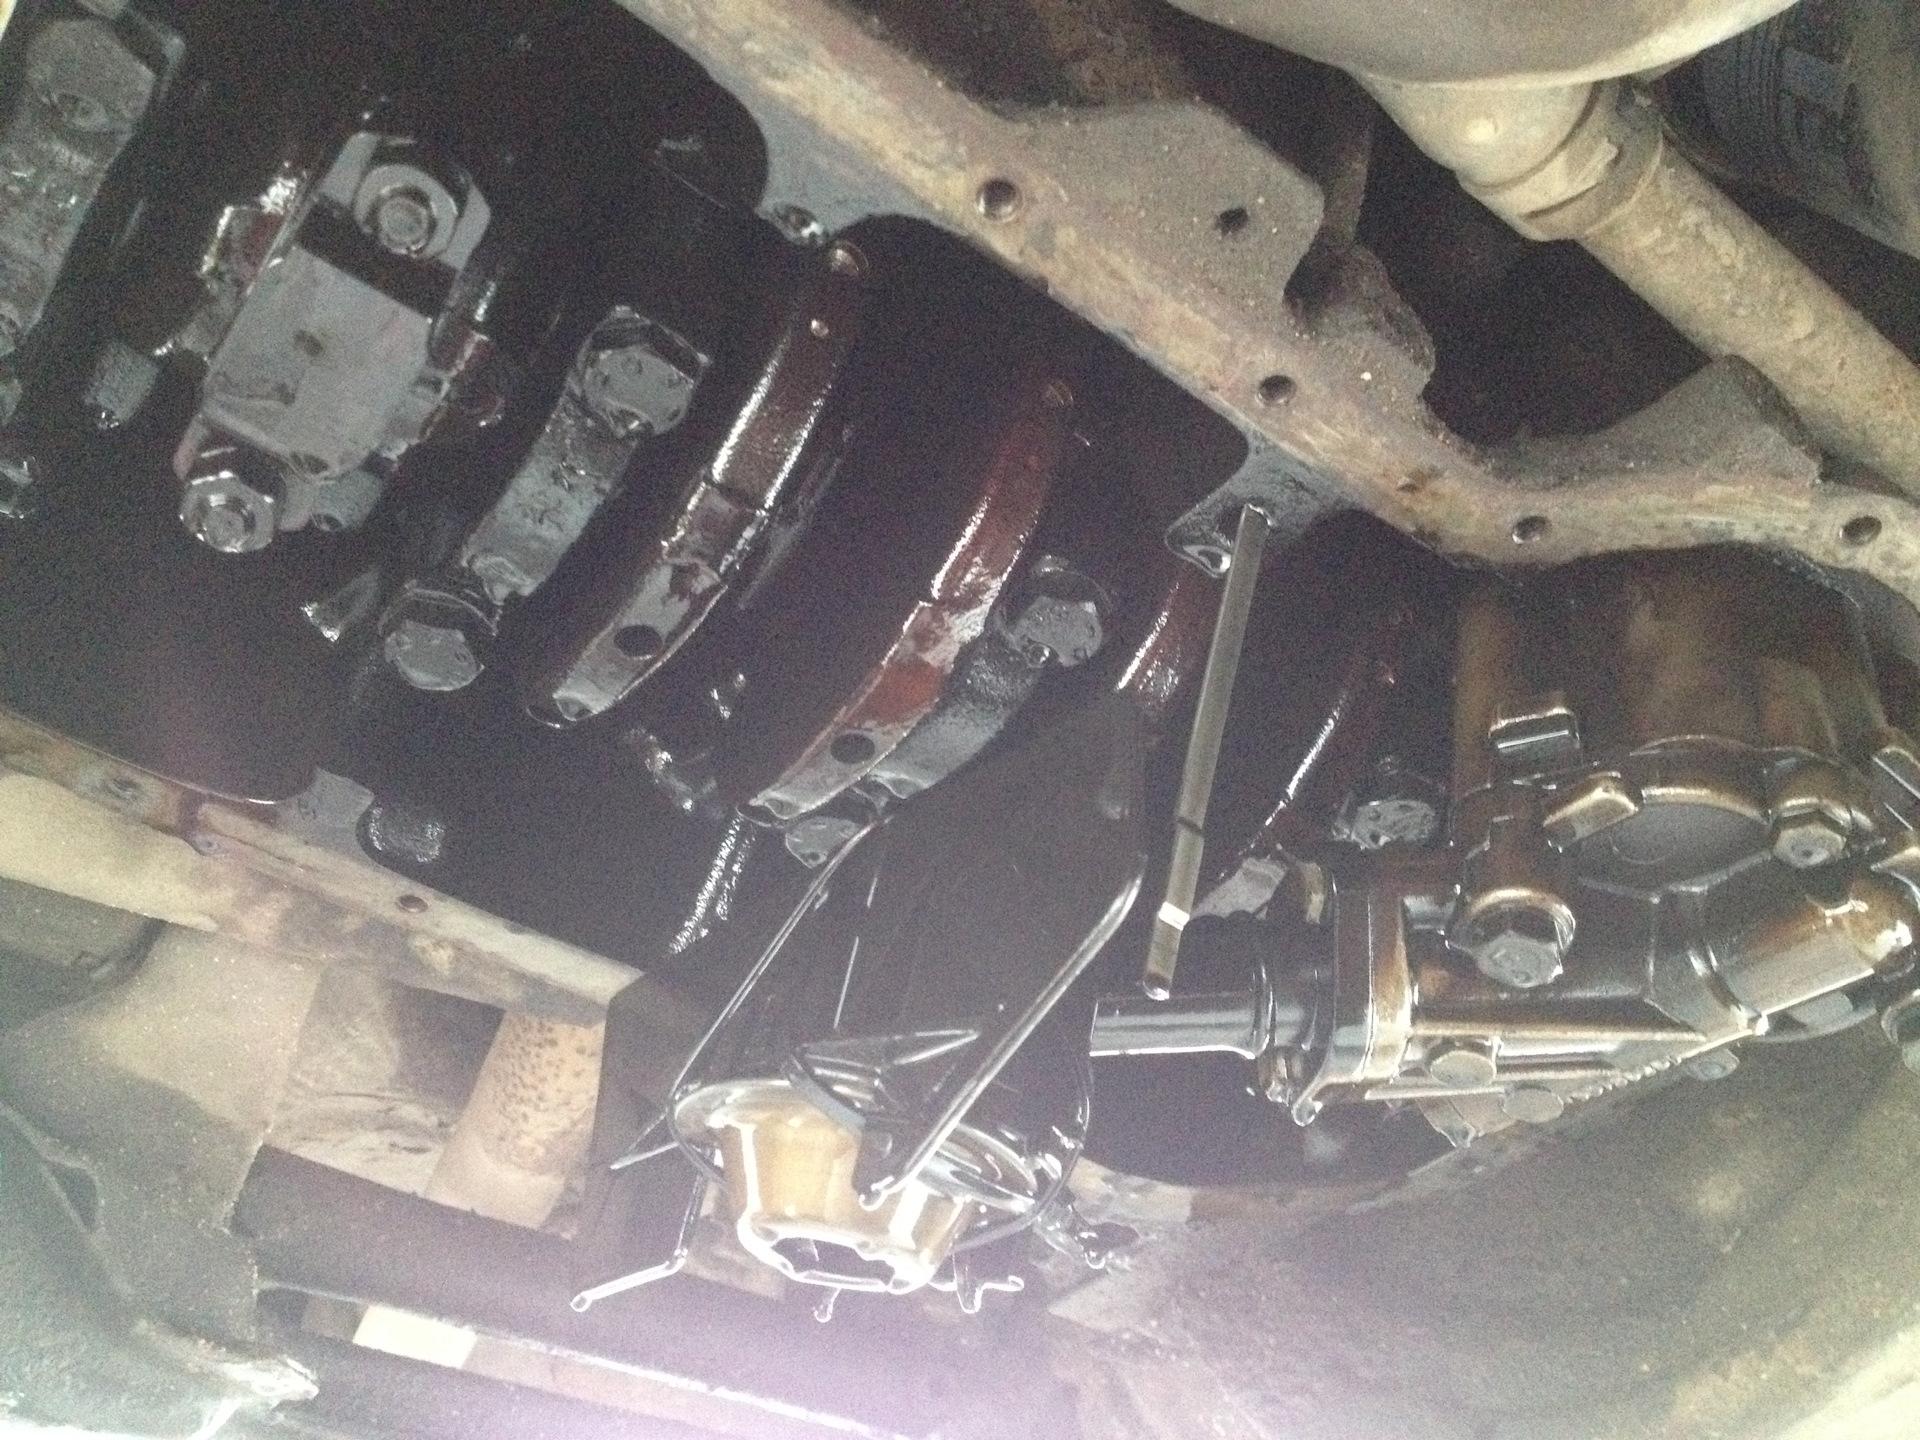 Промывка двигателя и замена масла гольф 3 Замена троса спидометра пежо 403